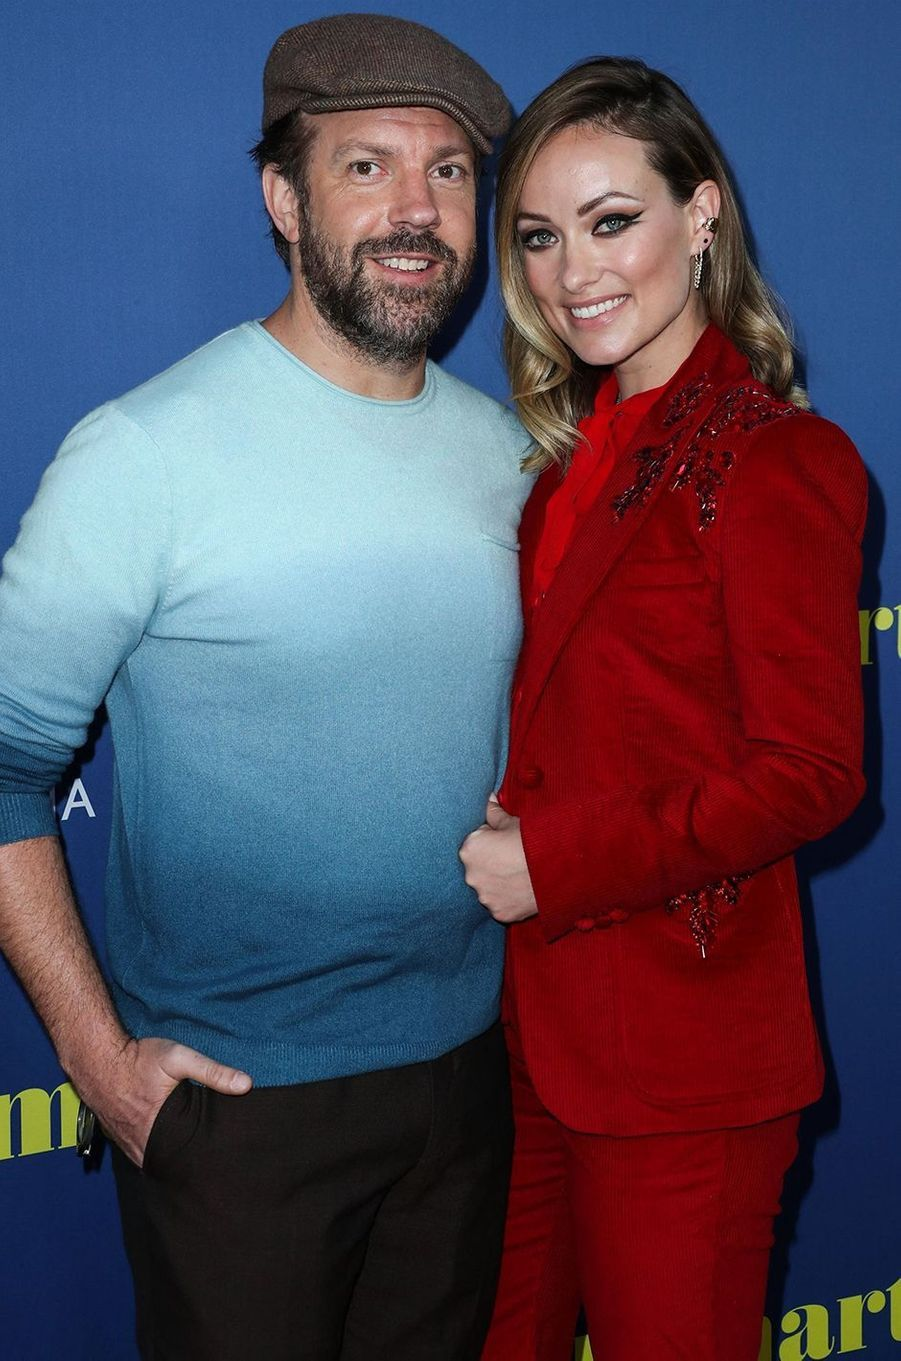 Parents de deux enfants, Jason Sudeikis et Olivia Wilde ont annoncé leur séparation en novembre 2020 après neuf ans d'amour.